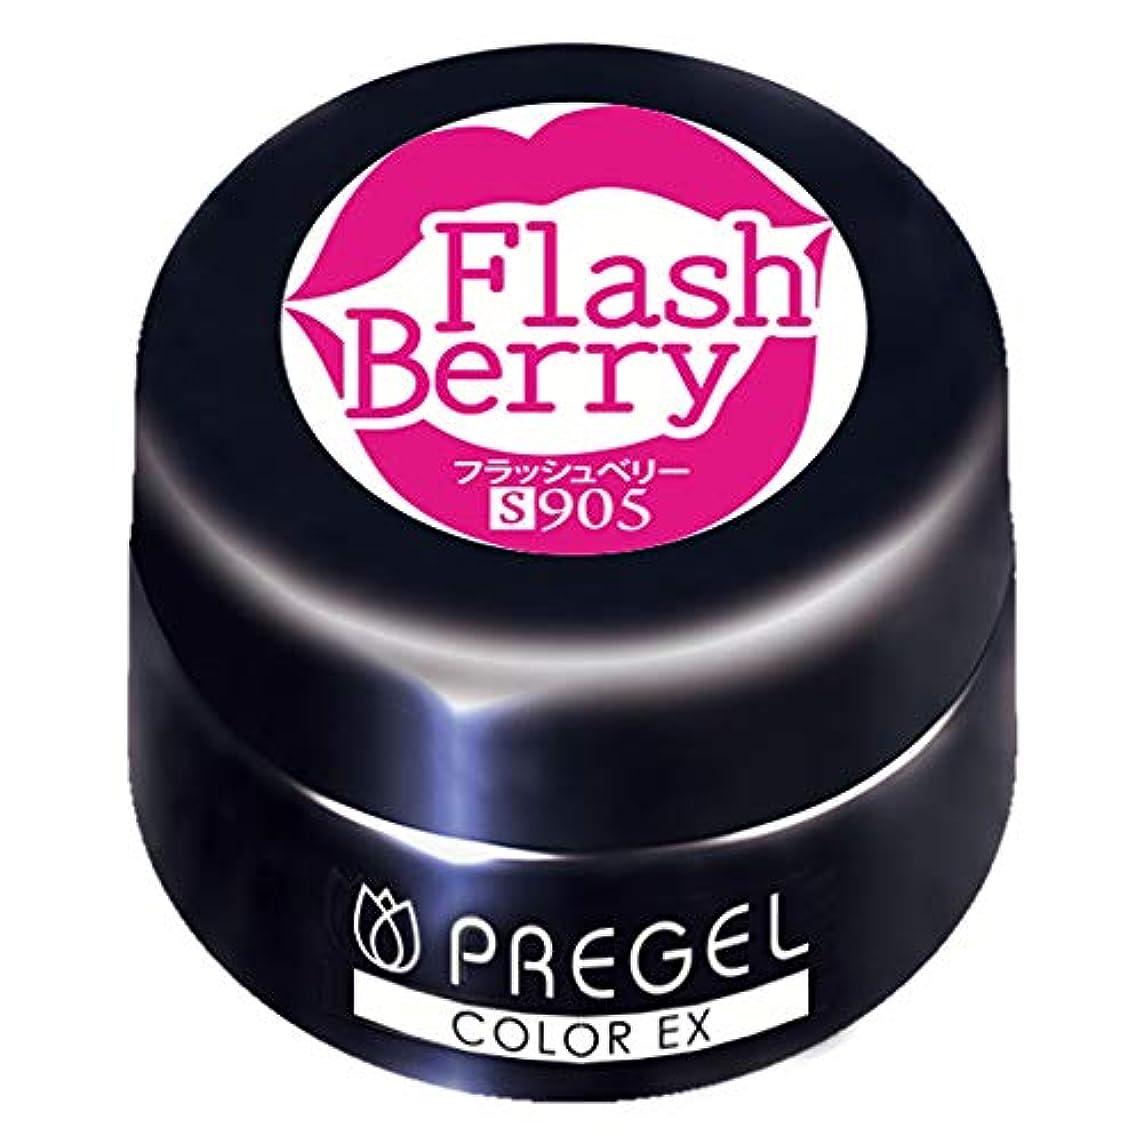 困惑する必要があるうつPRE GELカラーEX フラッシュベリー 3g PG-CE905